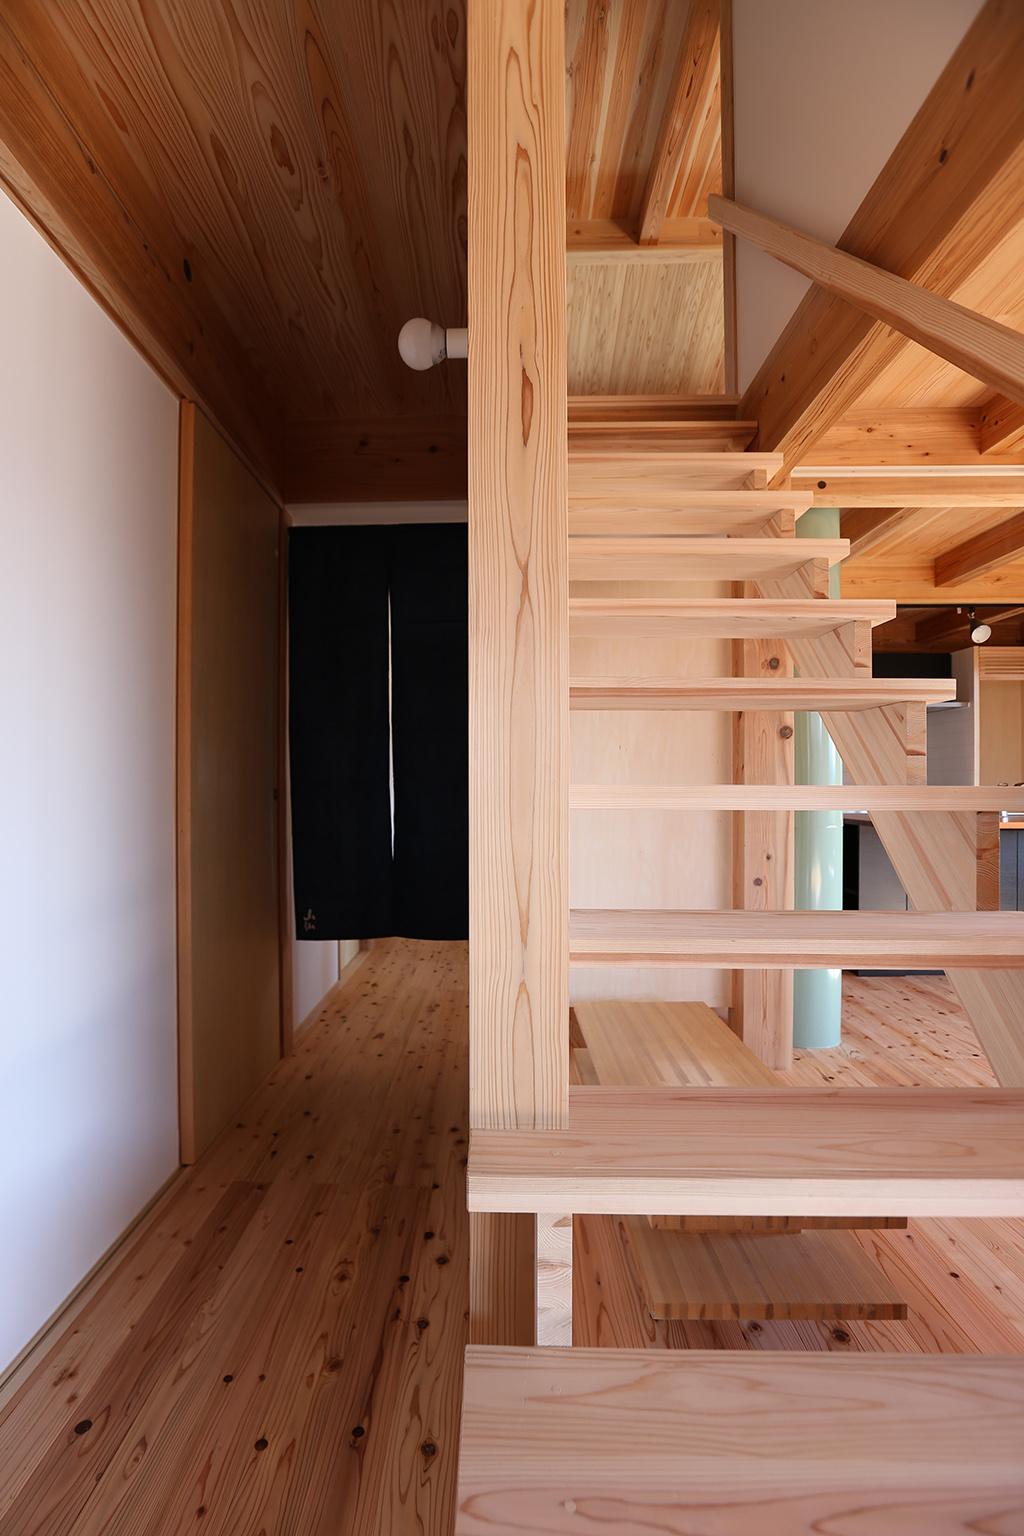 姫路市の木の家 圧迫感を感じさせない階段